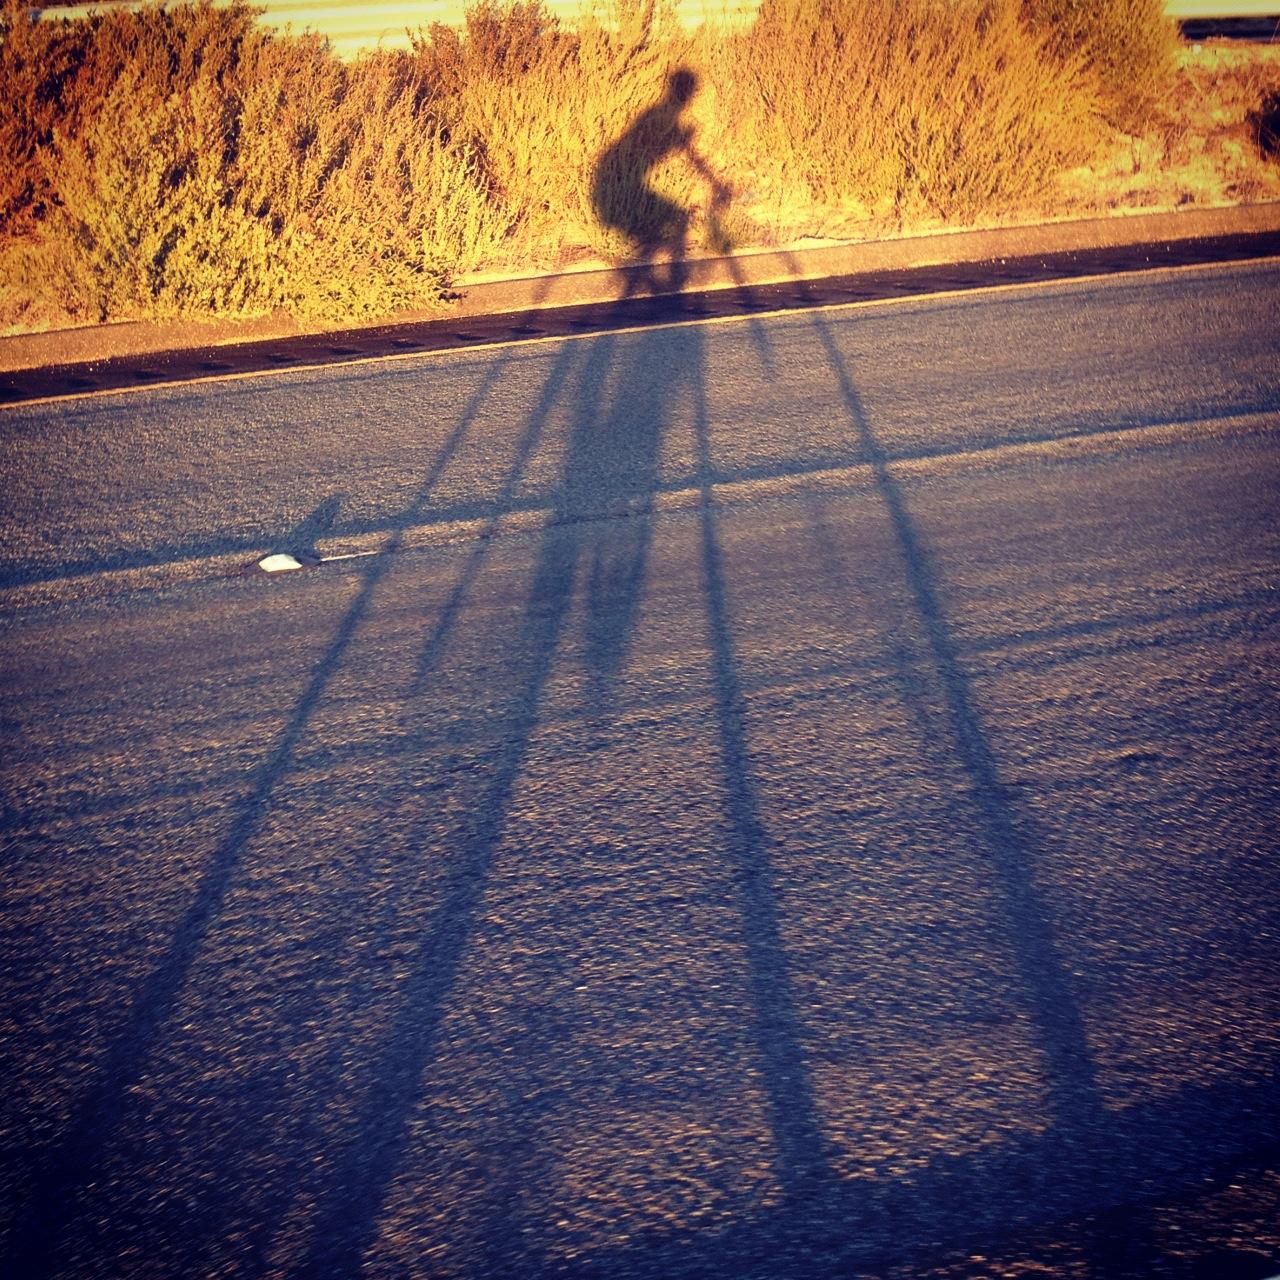 Golden hour climbing